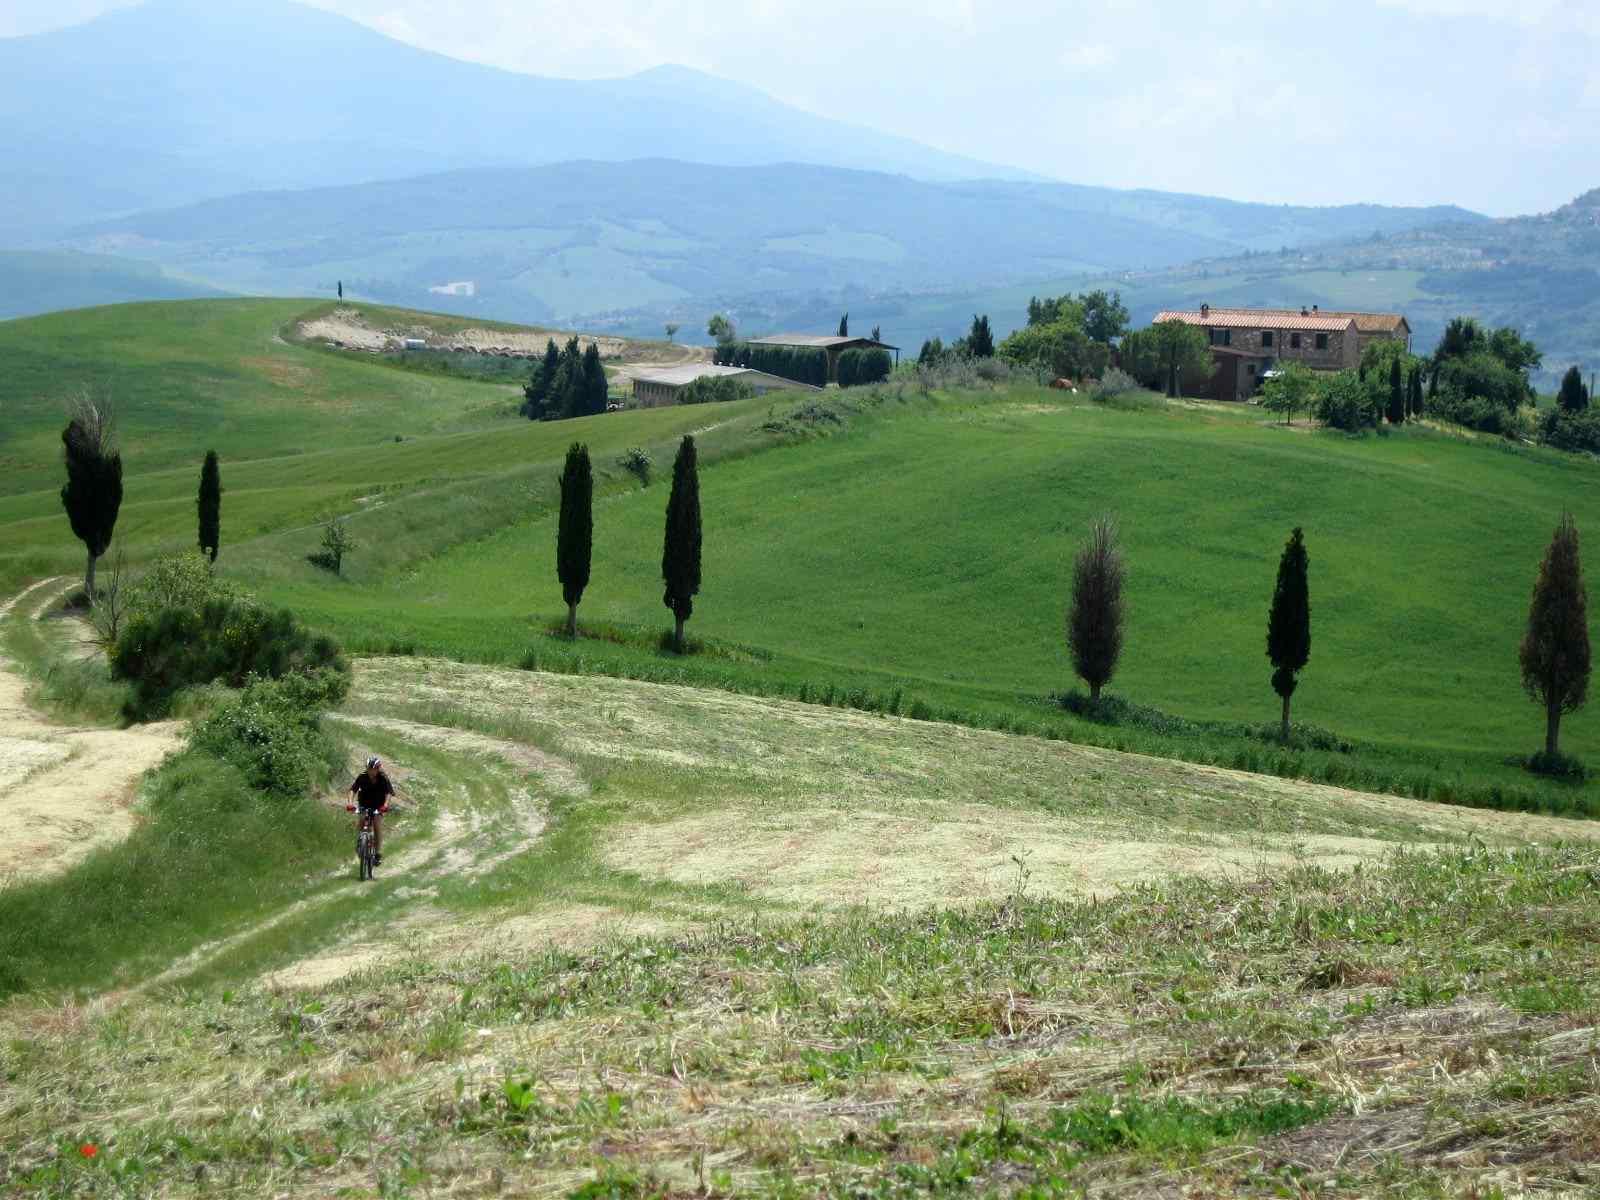 Foto: Manfred Karl / Mountainbike Tour / Von Bagno Vignoni nach Pienza / Im Hintergrund links der Monte Amiata. / 20.06.2007 17:47:25